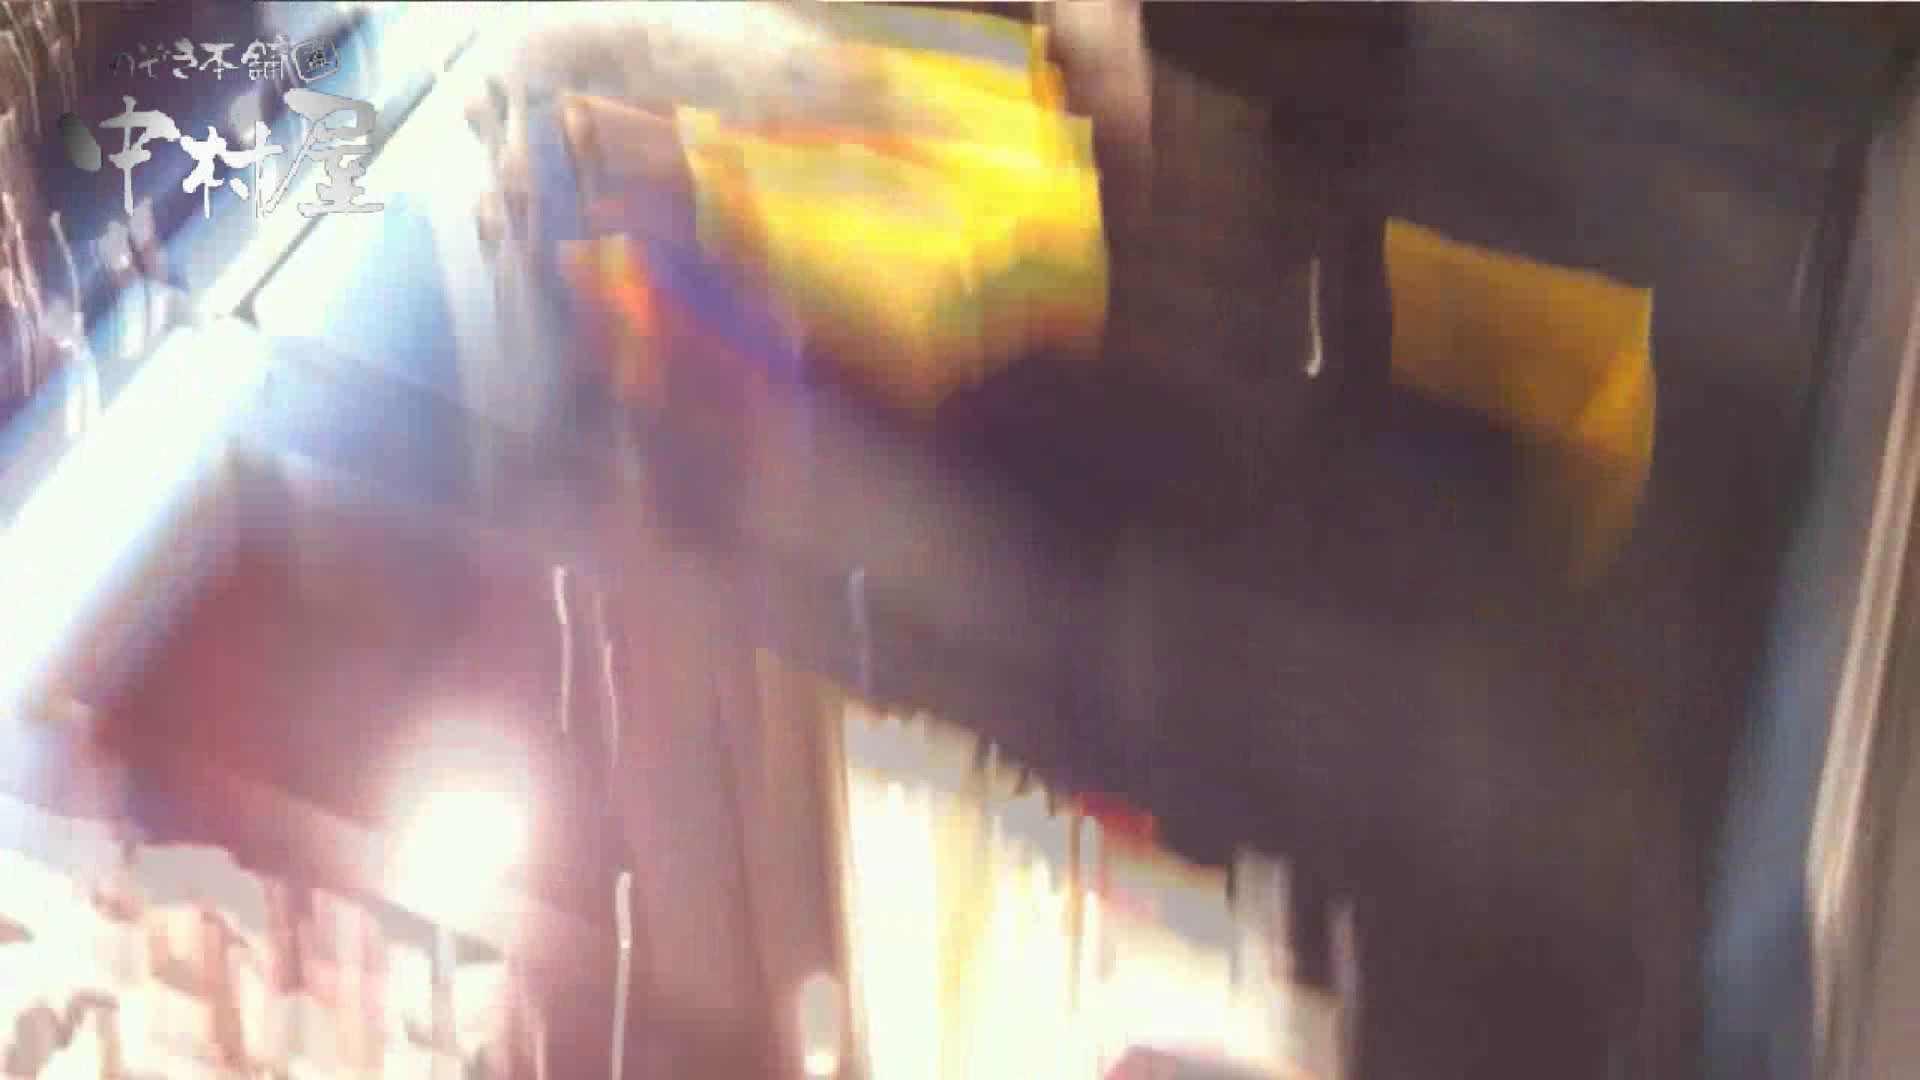 vol.48可愛いカリスマ店員胸チラ&パンチラ アニメ声の店員さん パンチラ | 接写  56pic 44